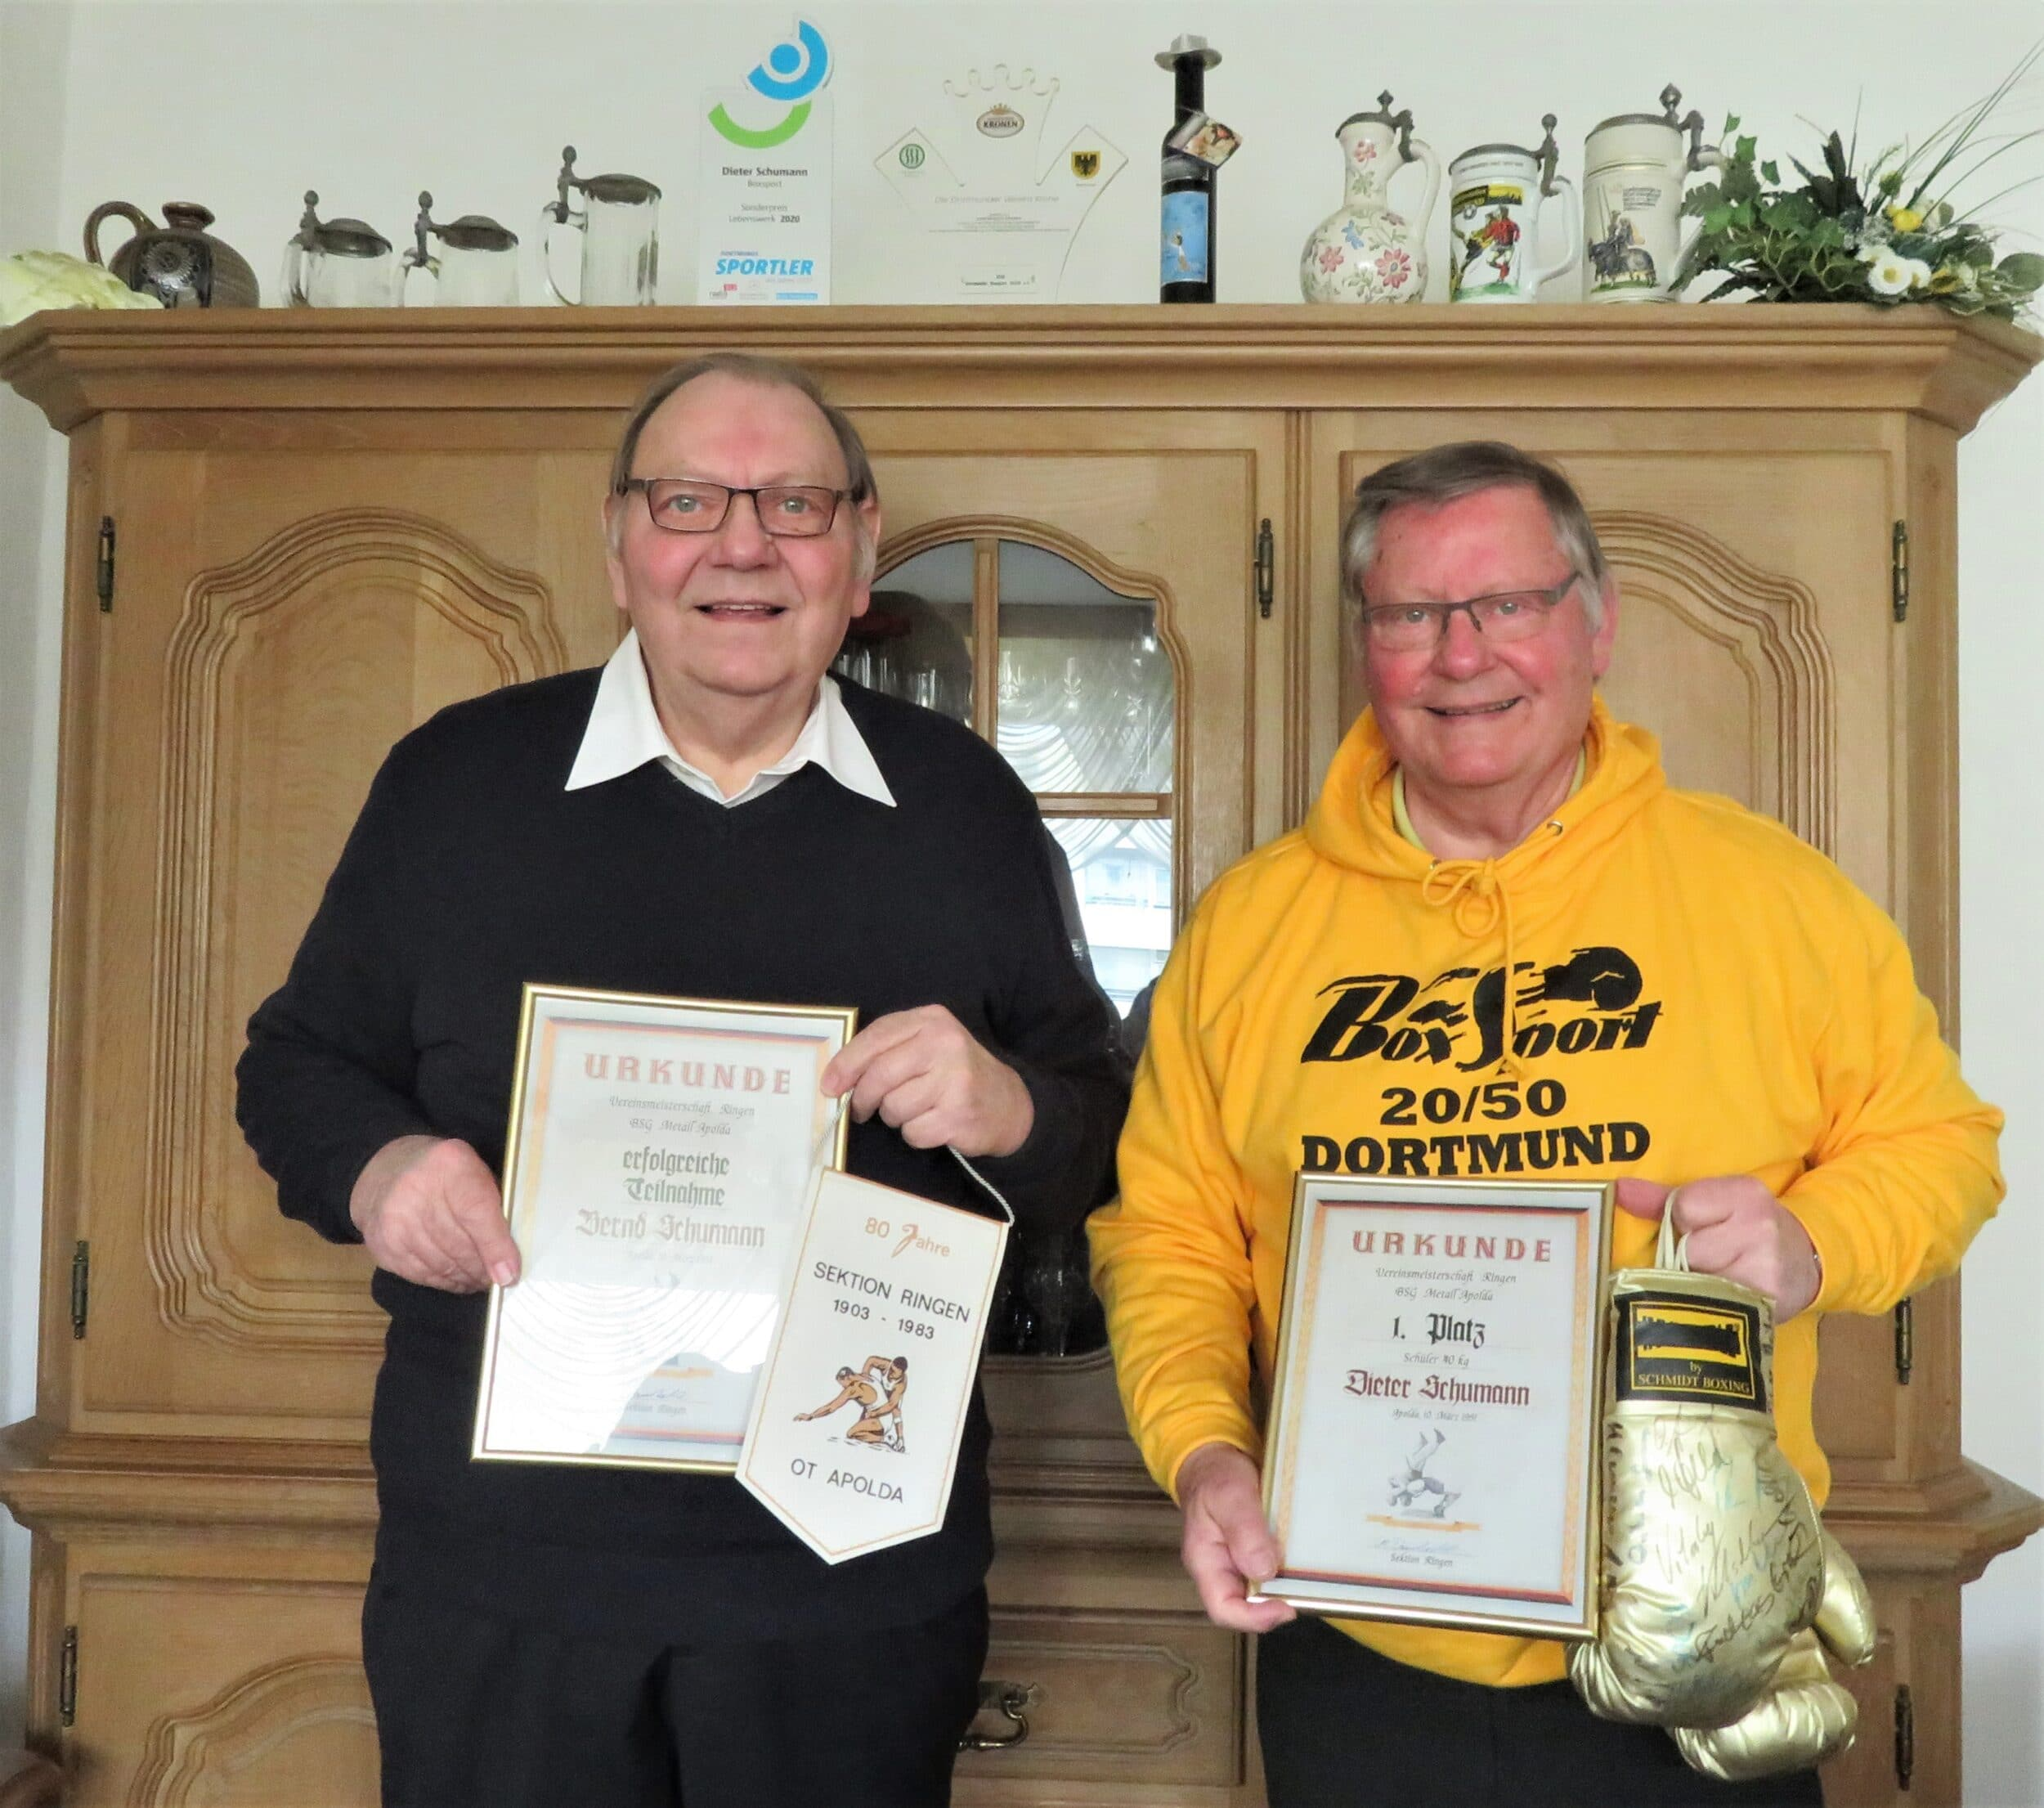 (v. l.): Bernd und Dieter Schumann mit den Urkunden. (Foto: DBS 20/50)